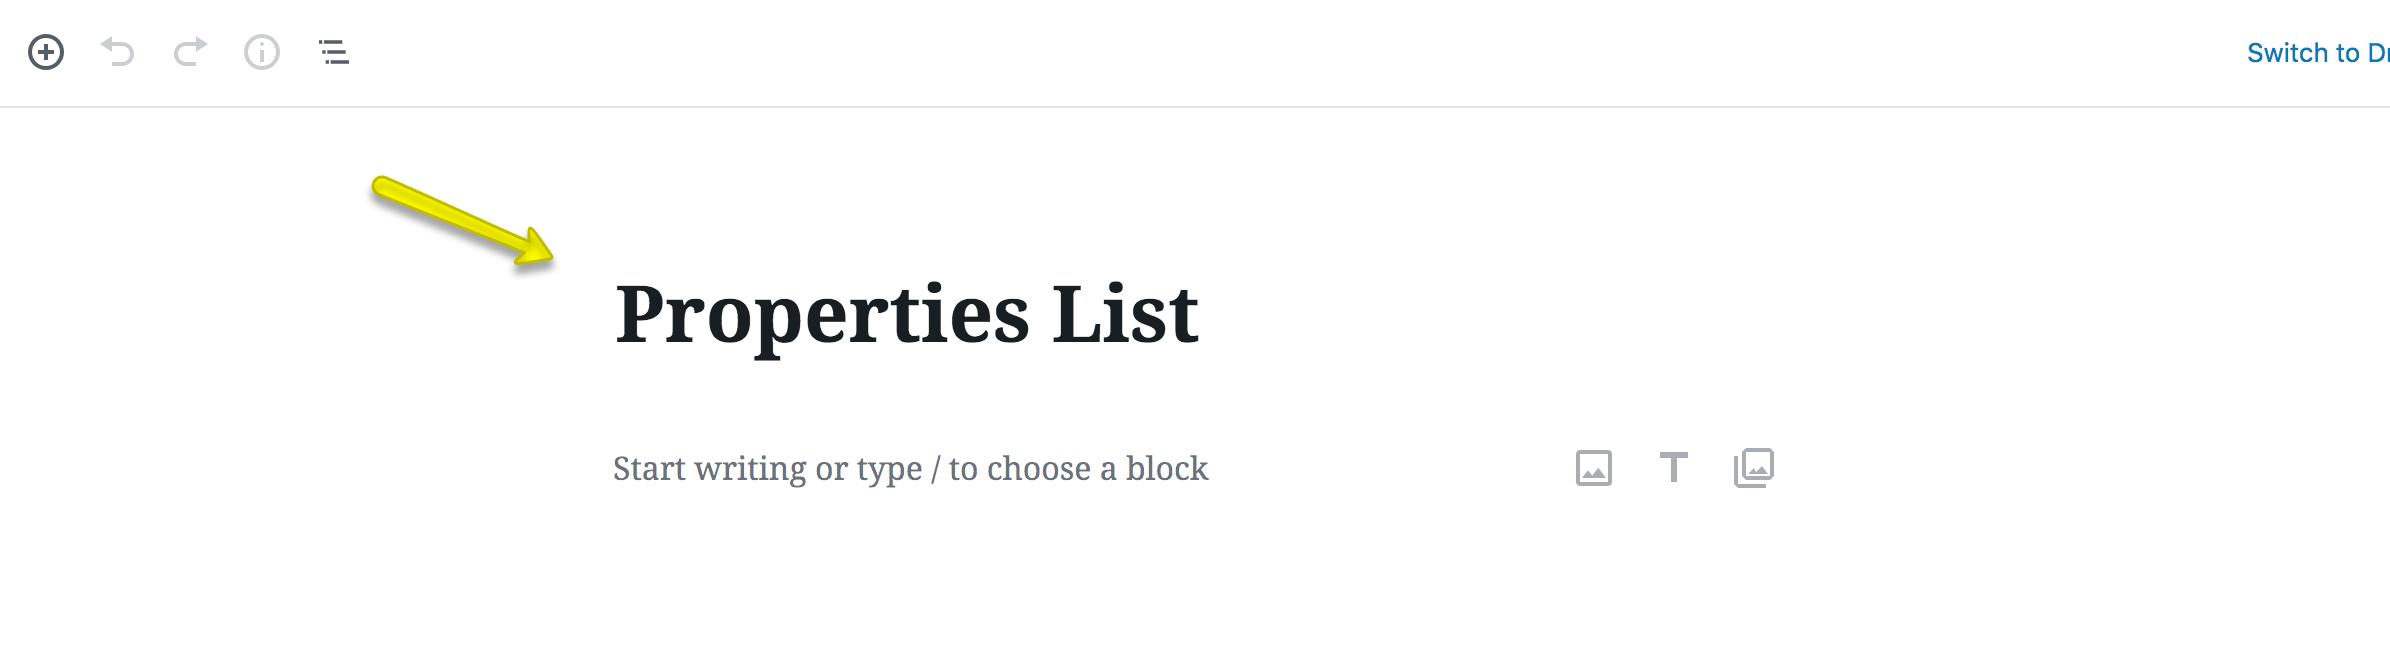 Página de listagem de propriedades